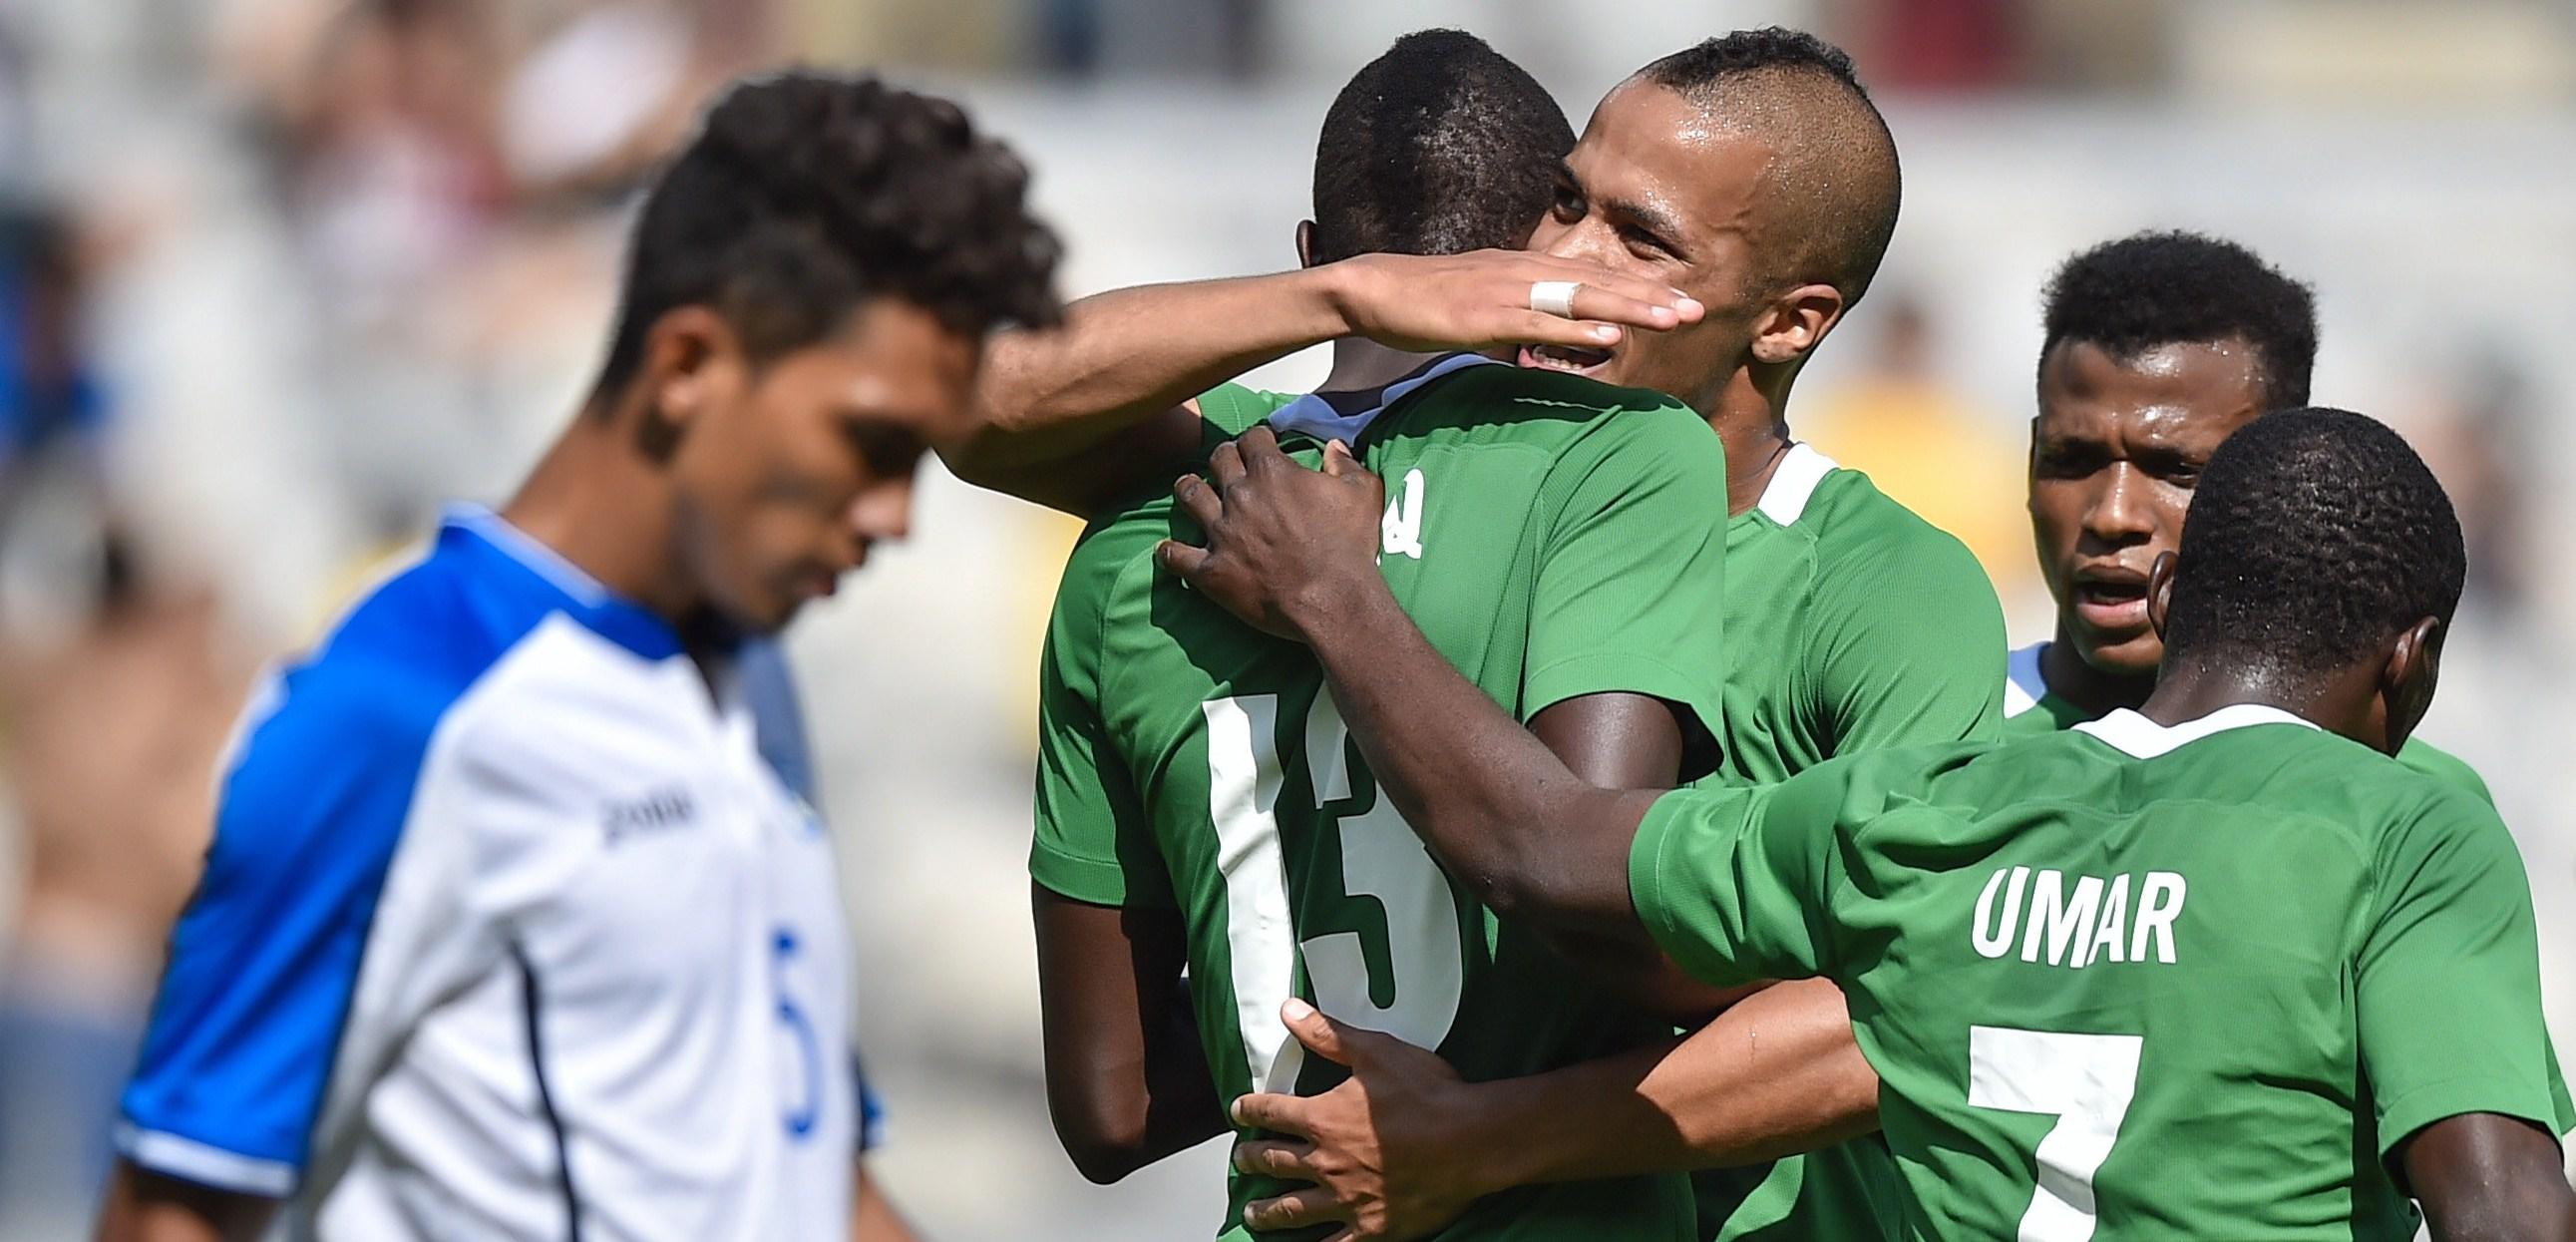 Nigeria se impuso a Honduras y ganó el bronce en Río 2016